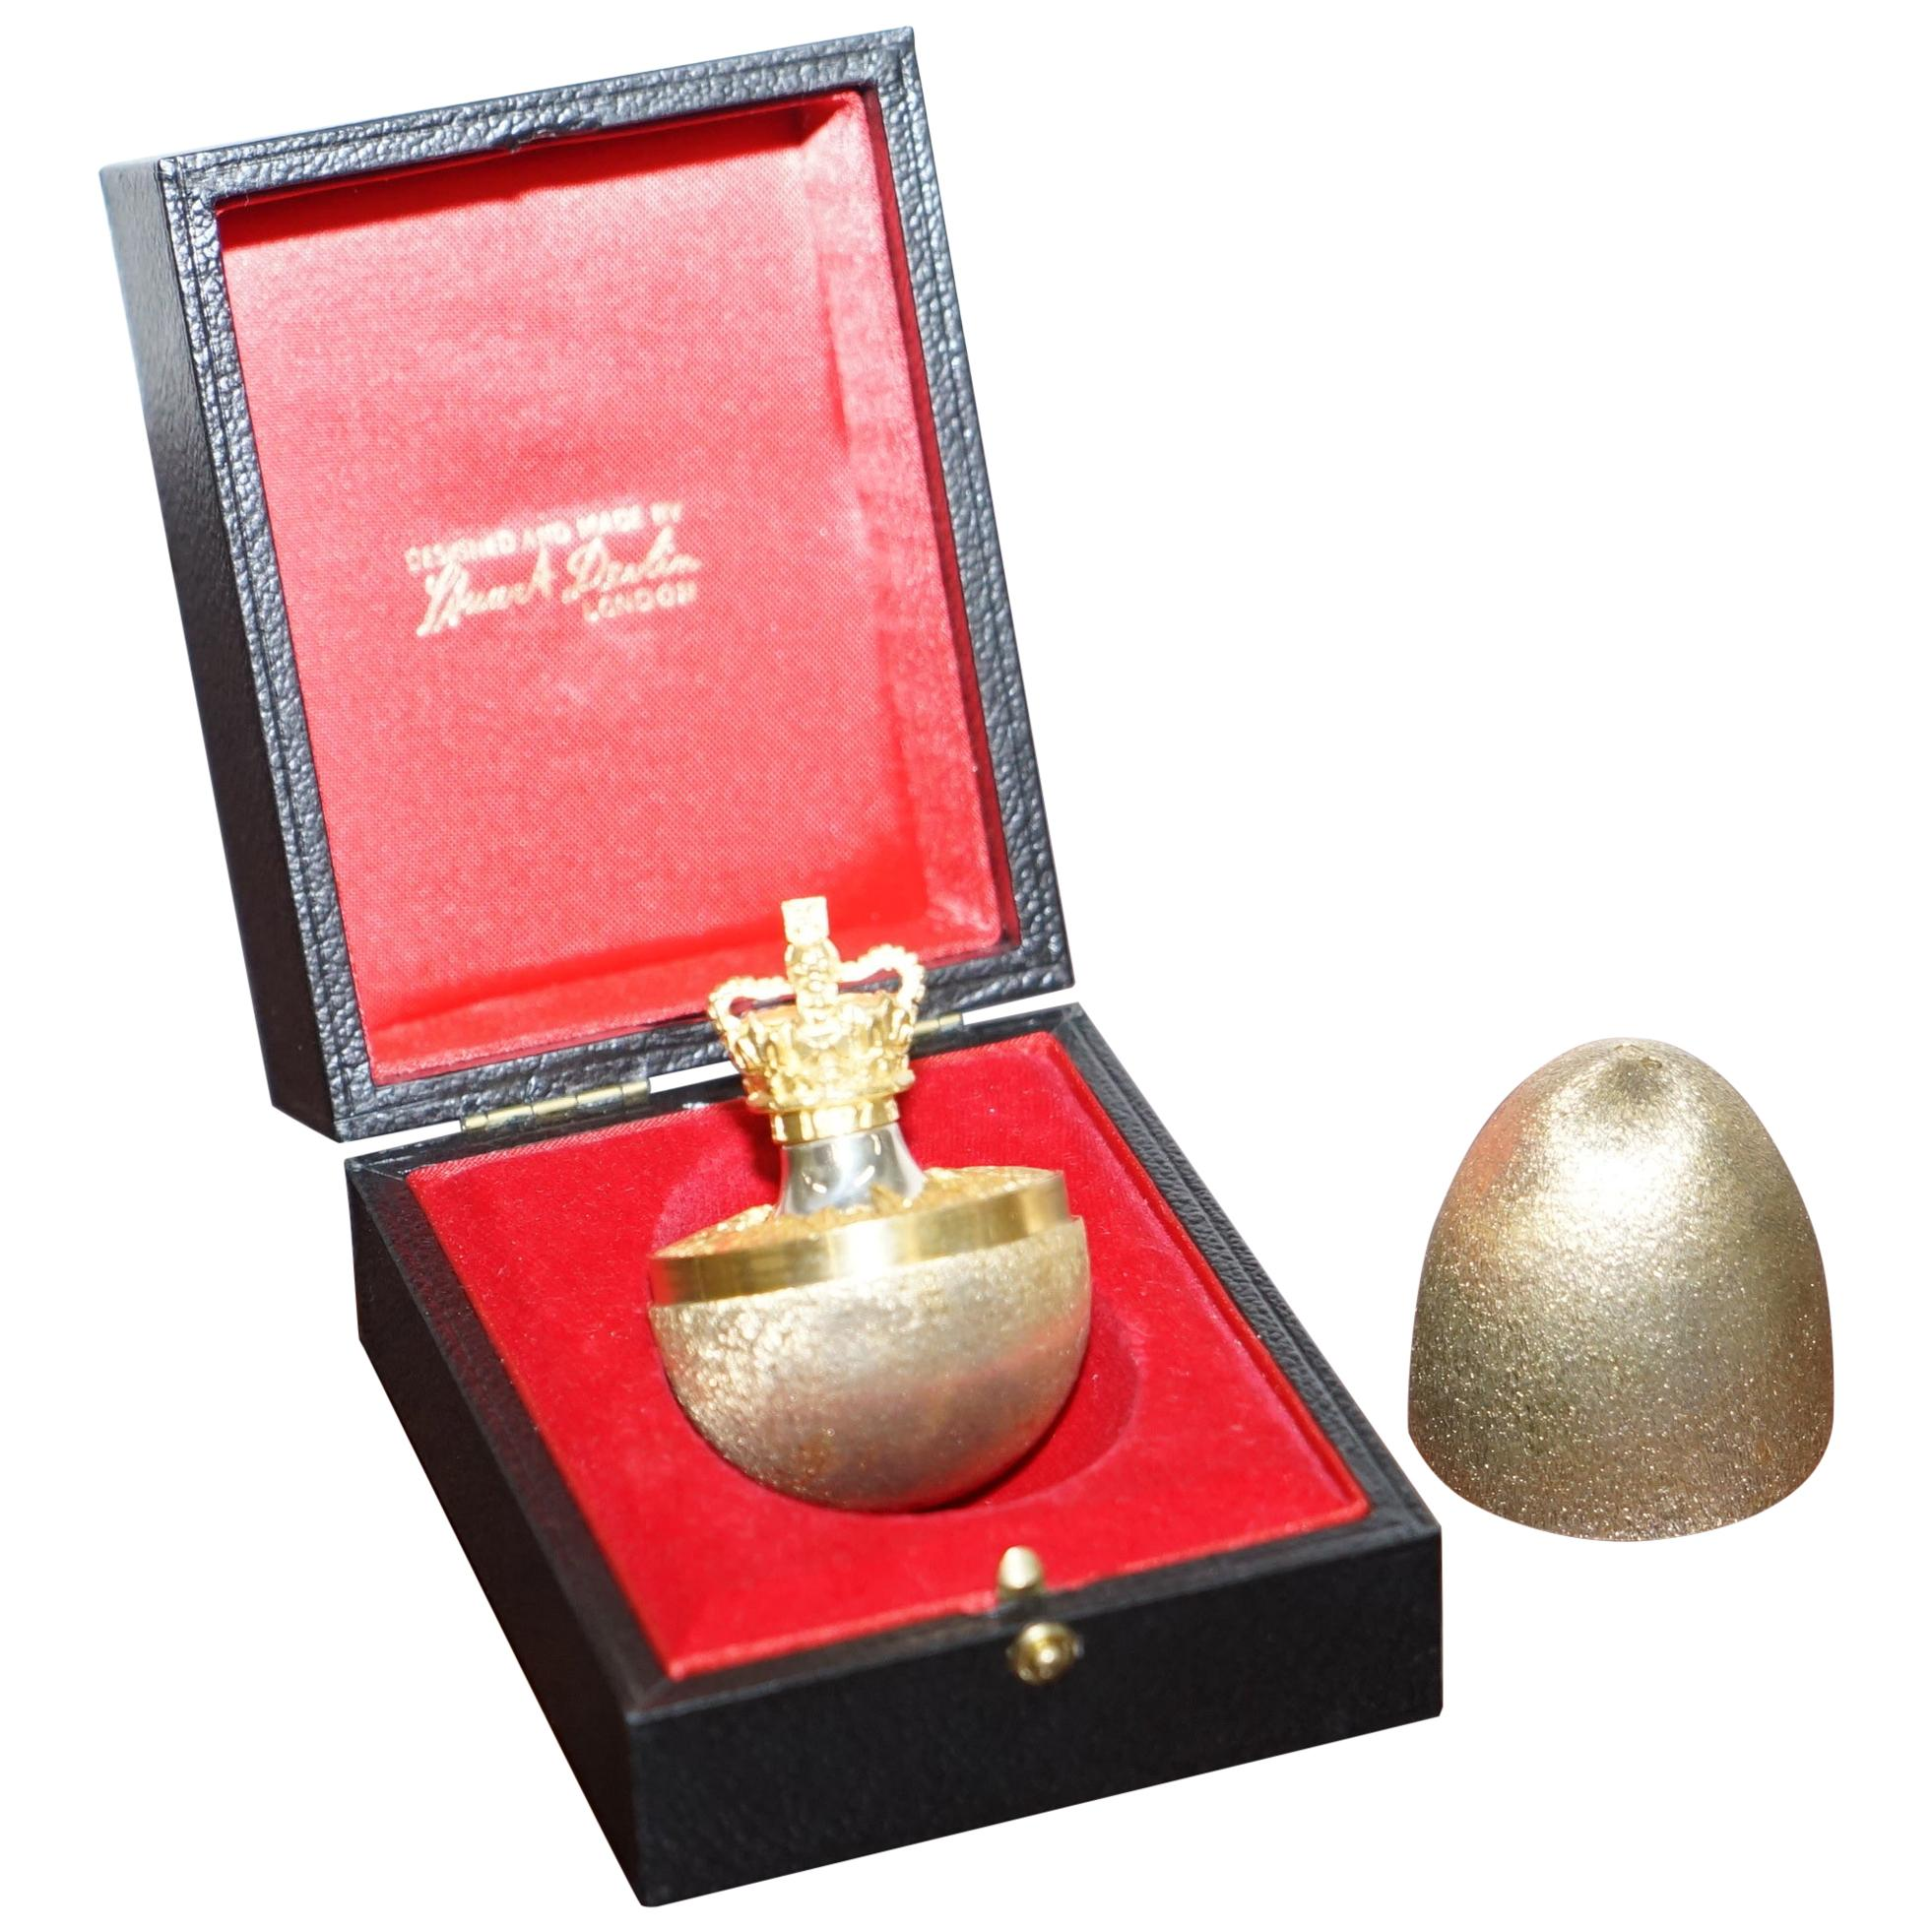 1977 Silver Jubilee Solid Sterling Silver Gold Gilt Stuart Devlin Surprise Egg